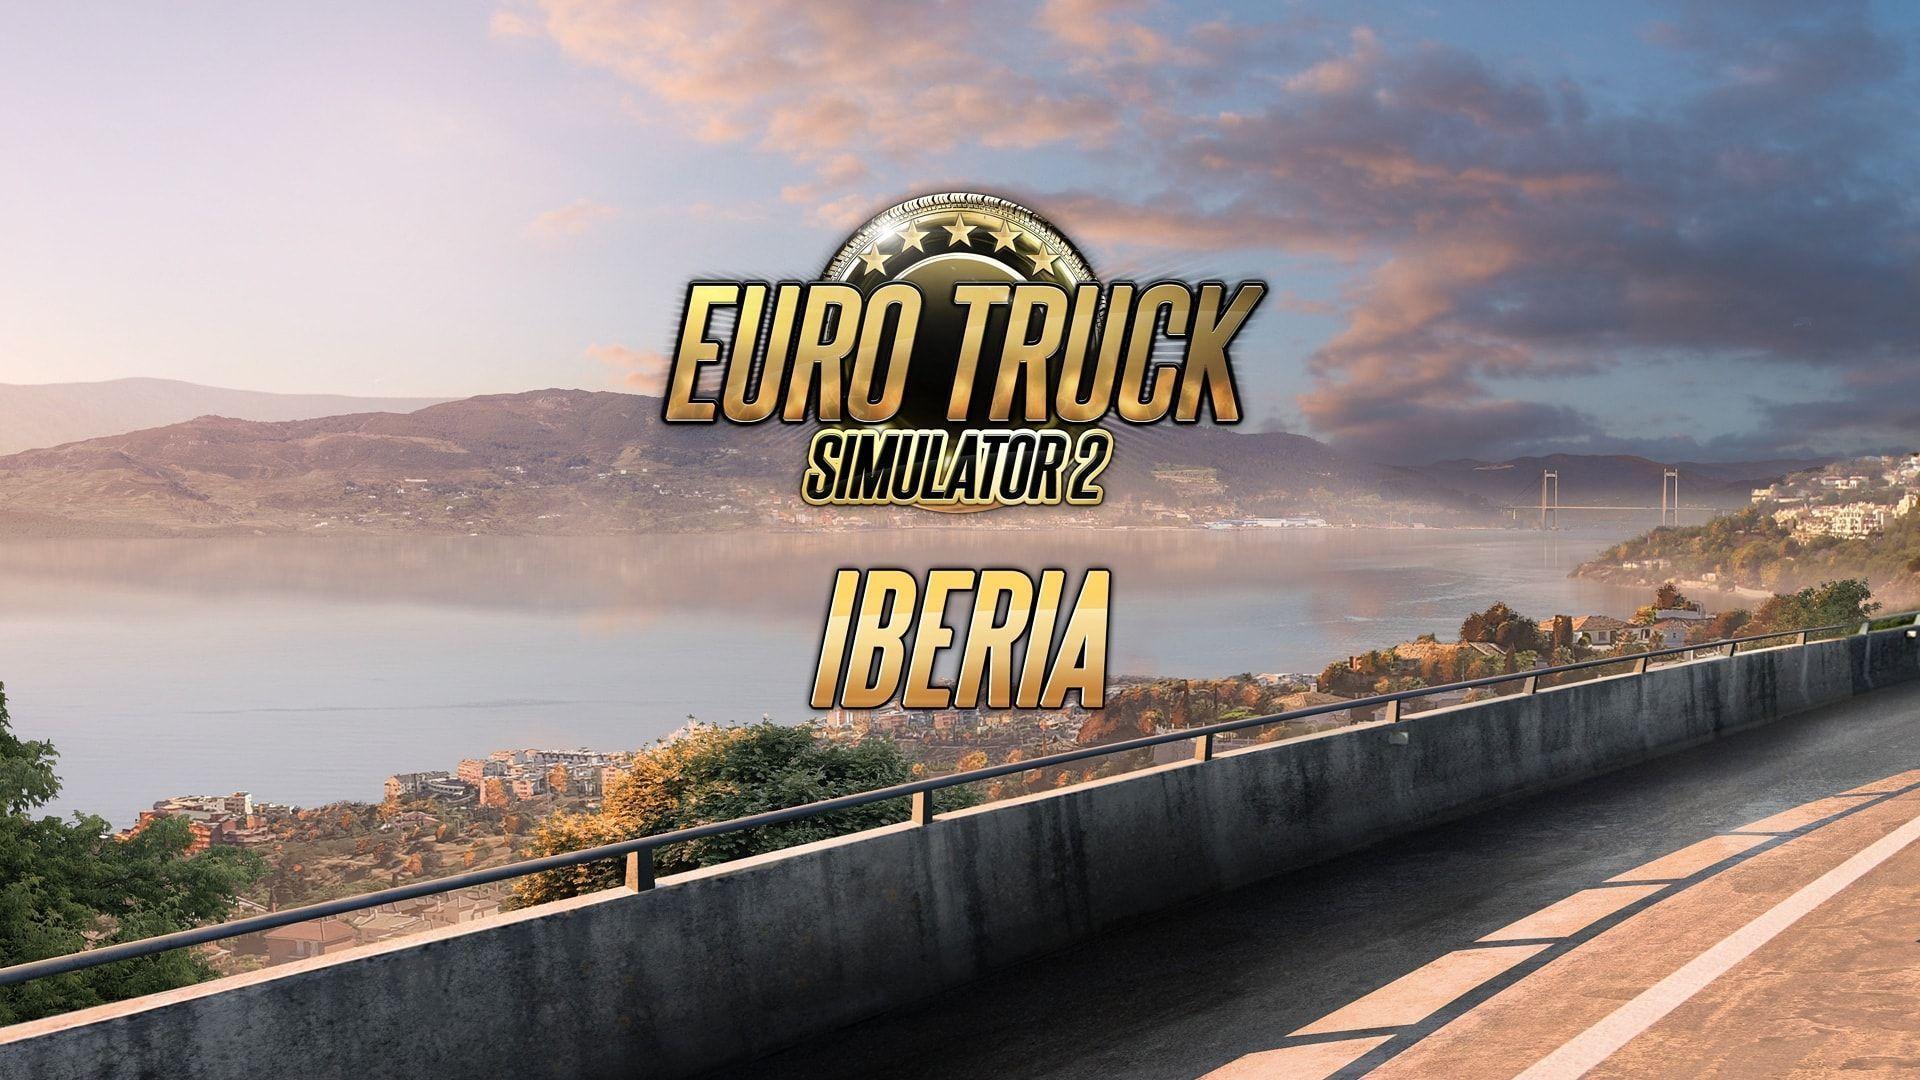 Euro Truck Simulator 2 recebe nova expansão nomeada Iberia!